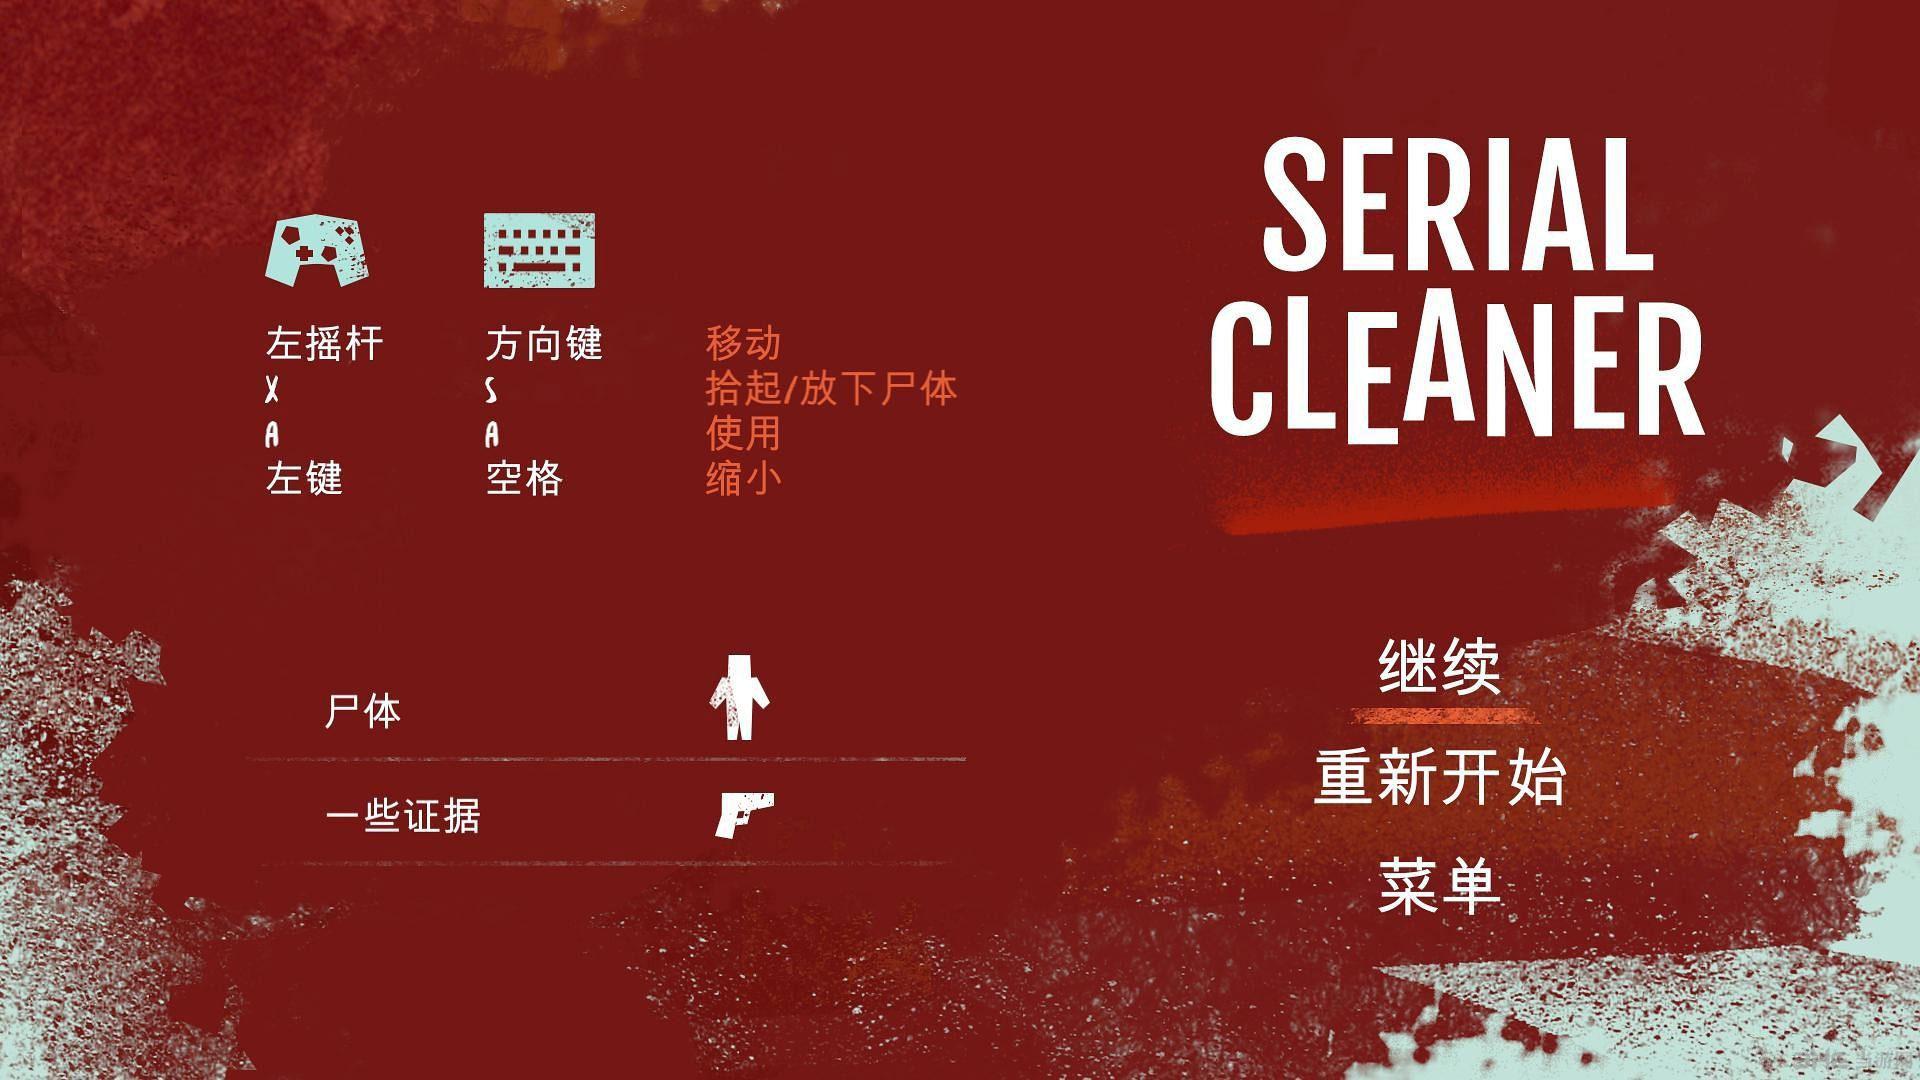 连环清洁工简体中文汉化补丁截图1